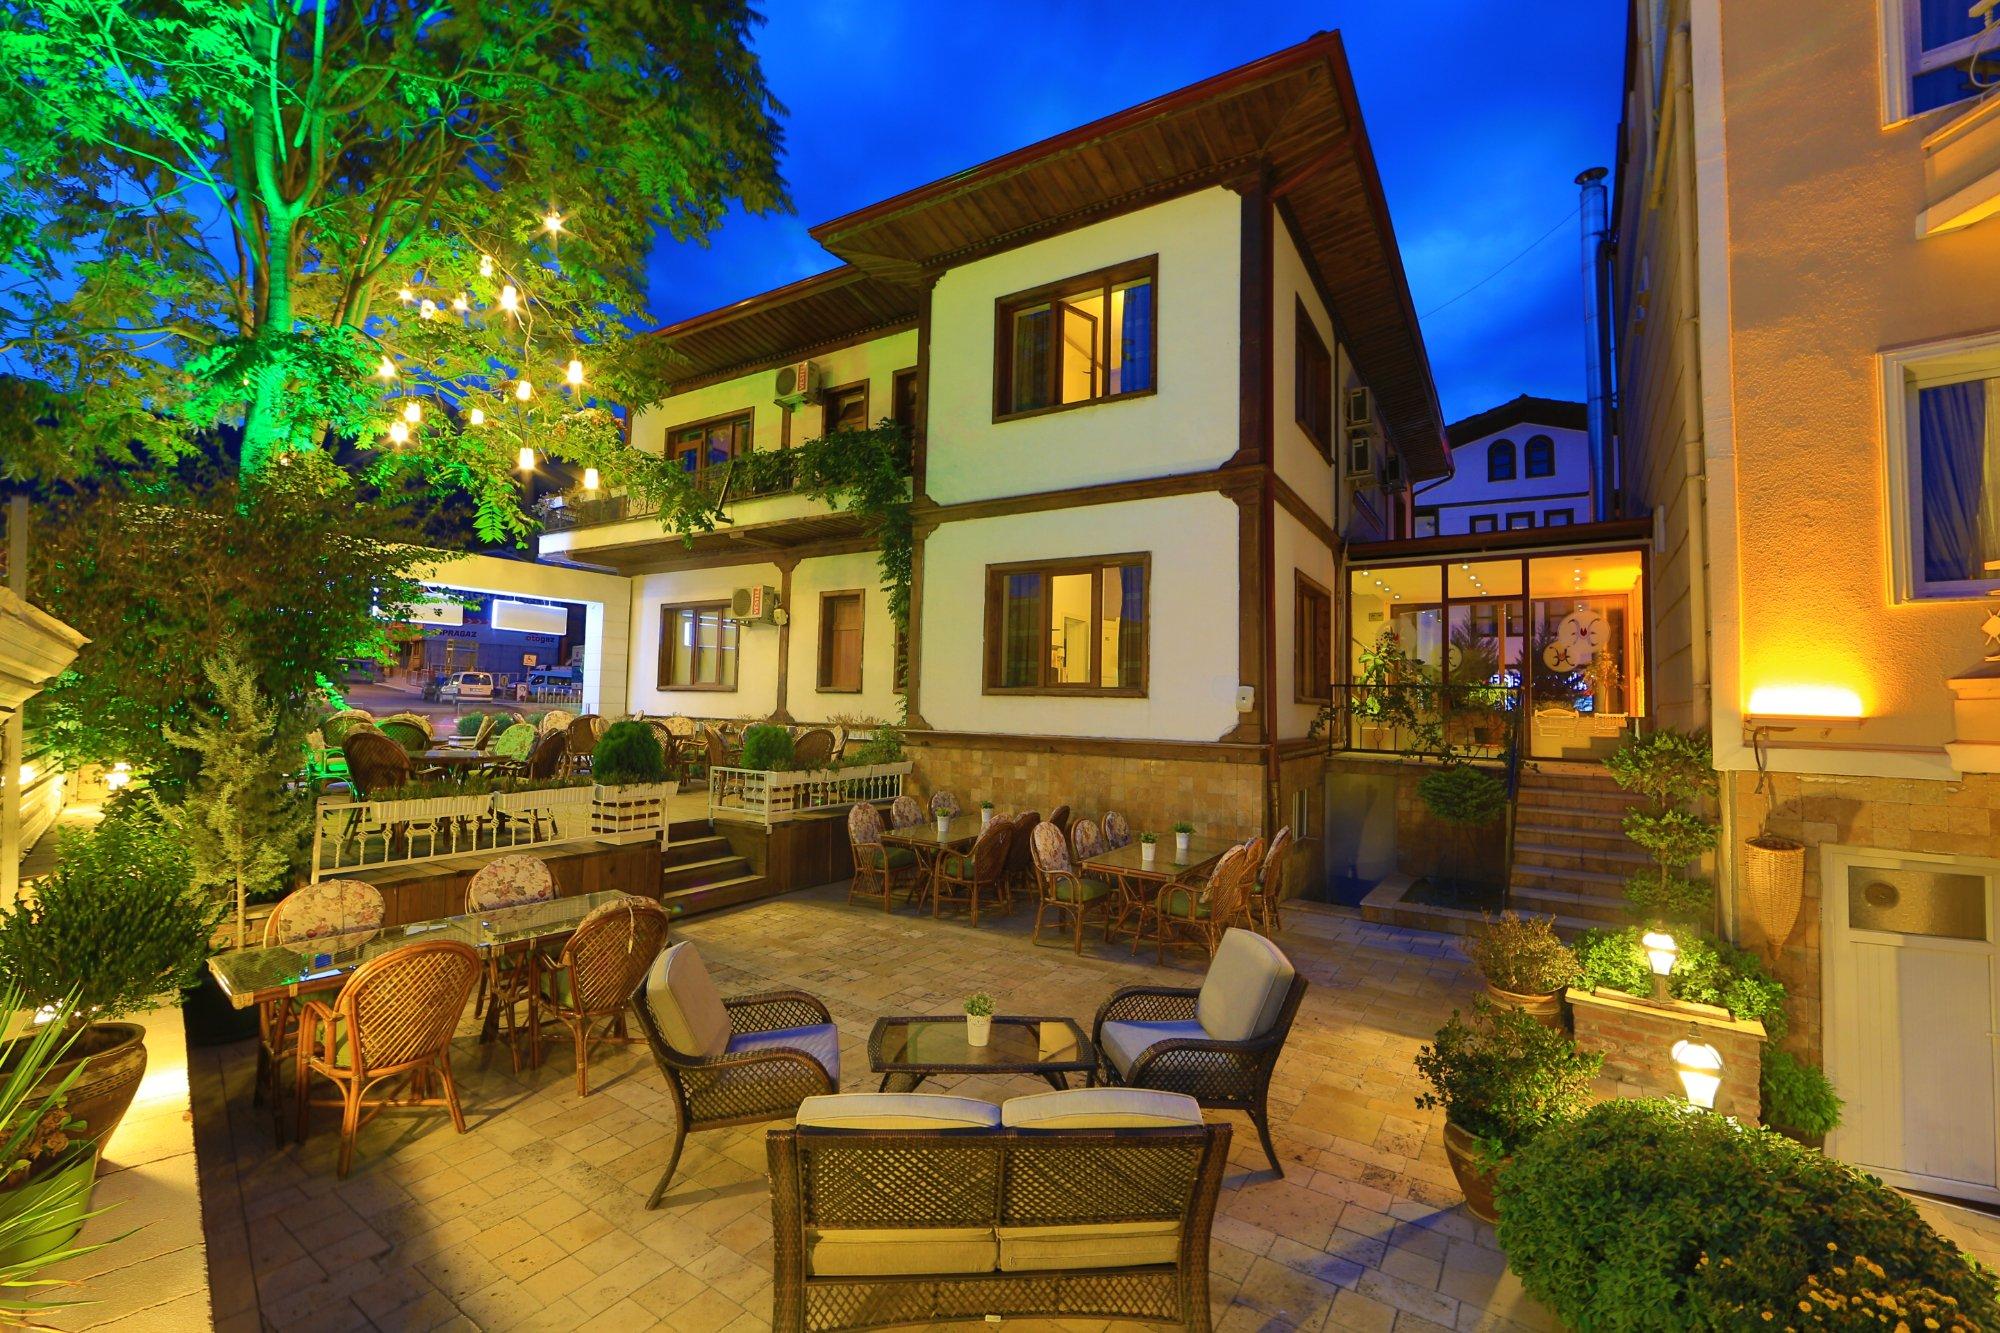 Lalehan Otel